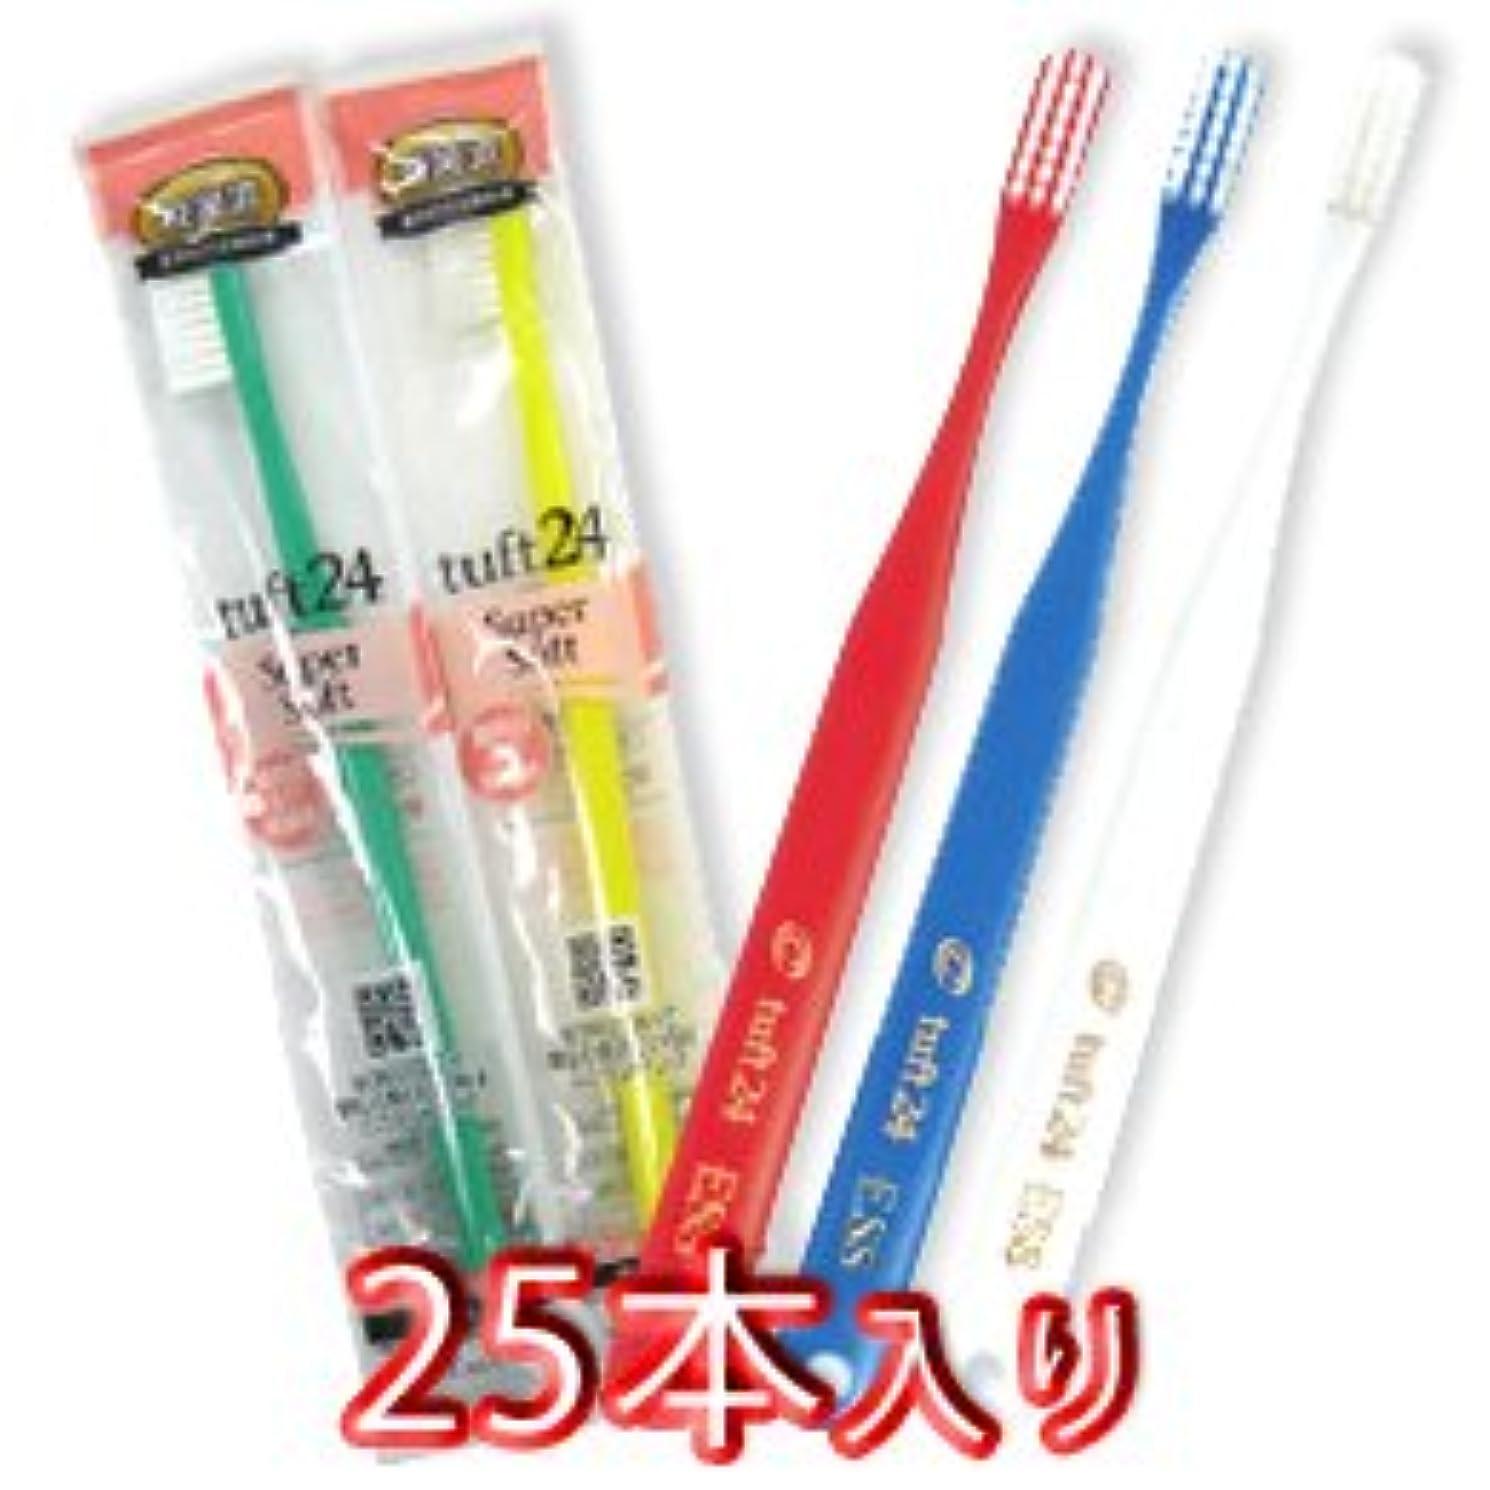 極貧標準さまようキャップ付き タフト 24 歯ブラシ スーパーソフト 25本 (アソート)